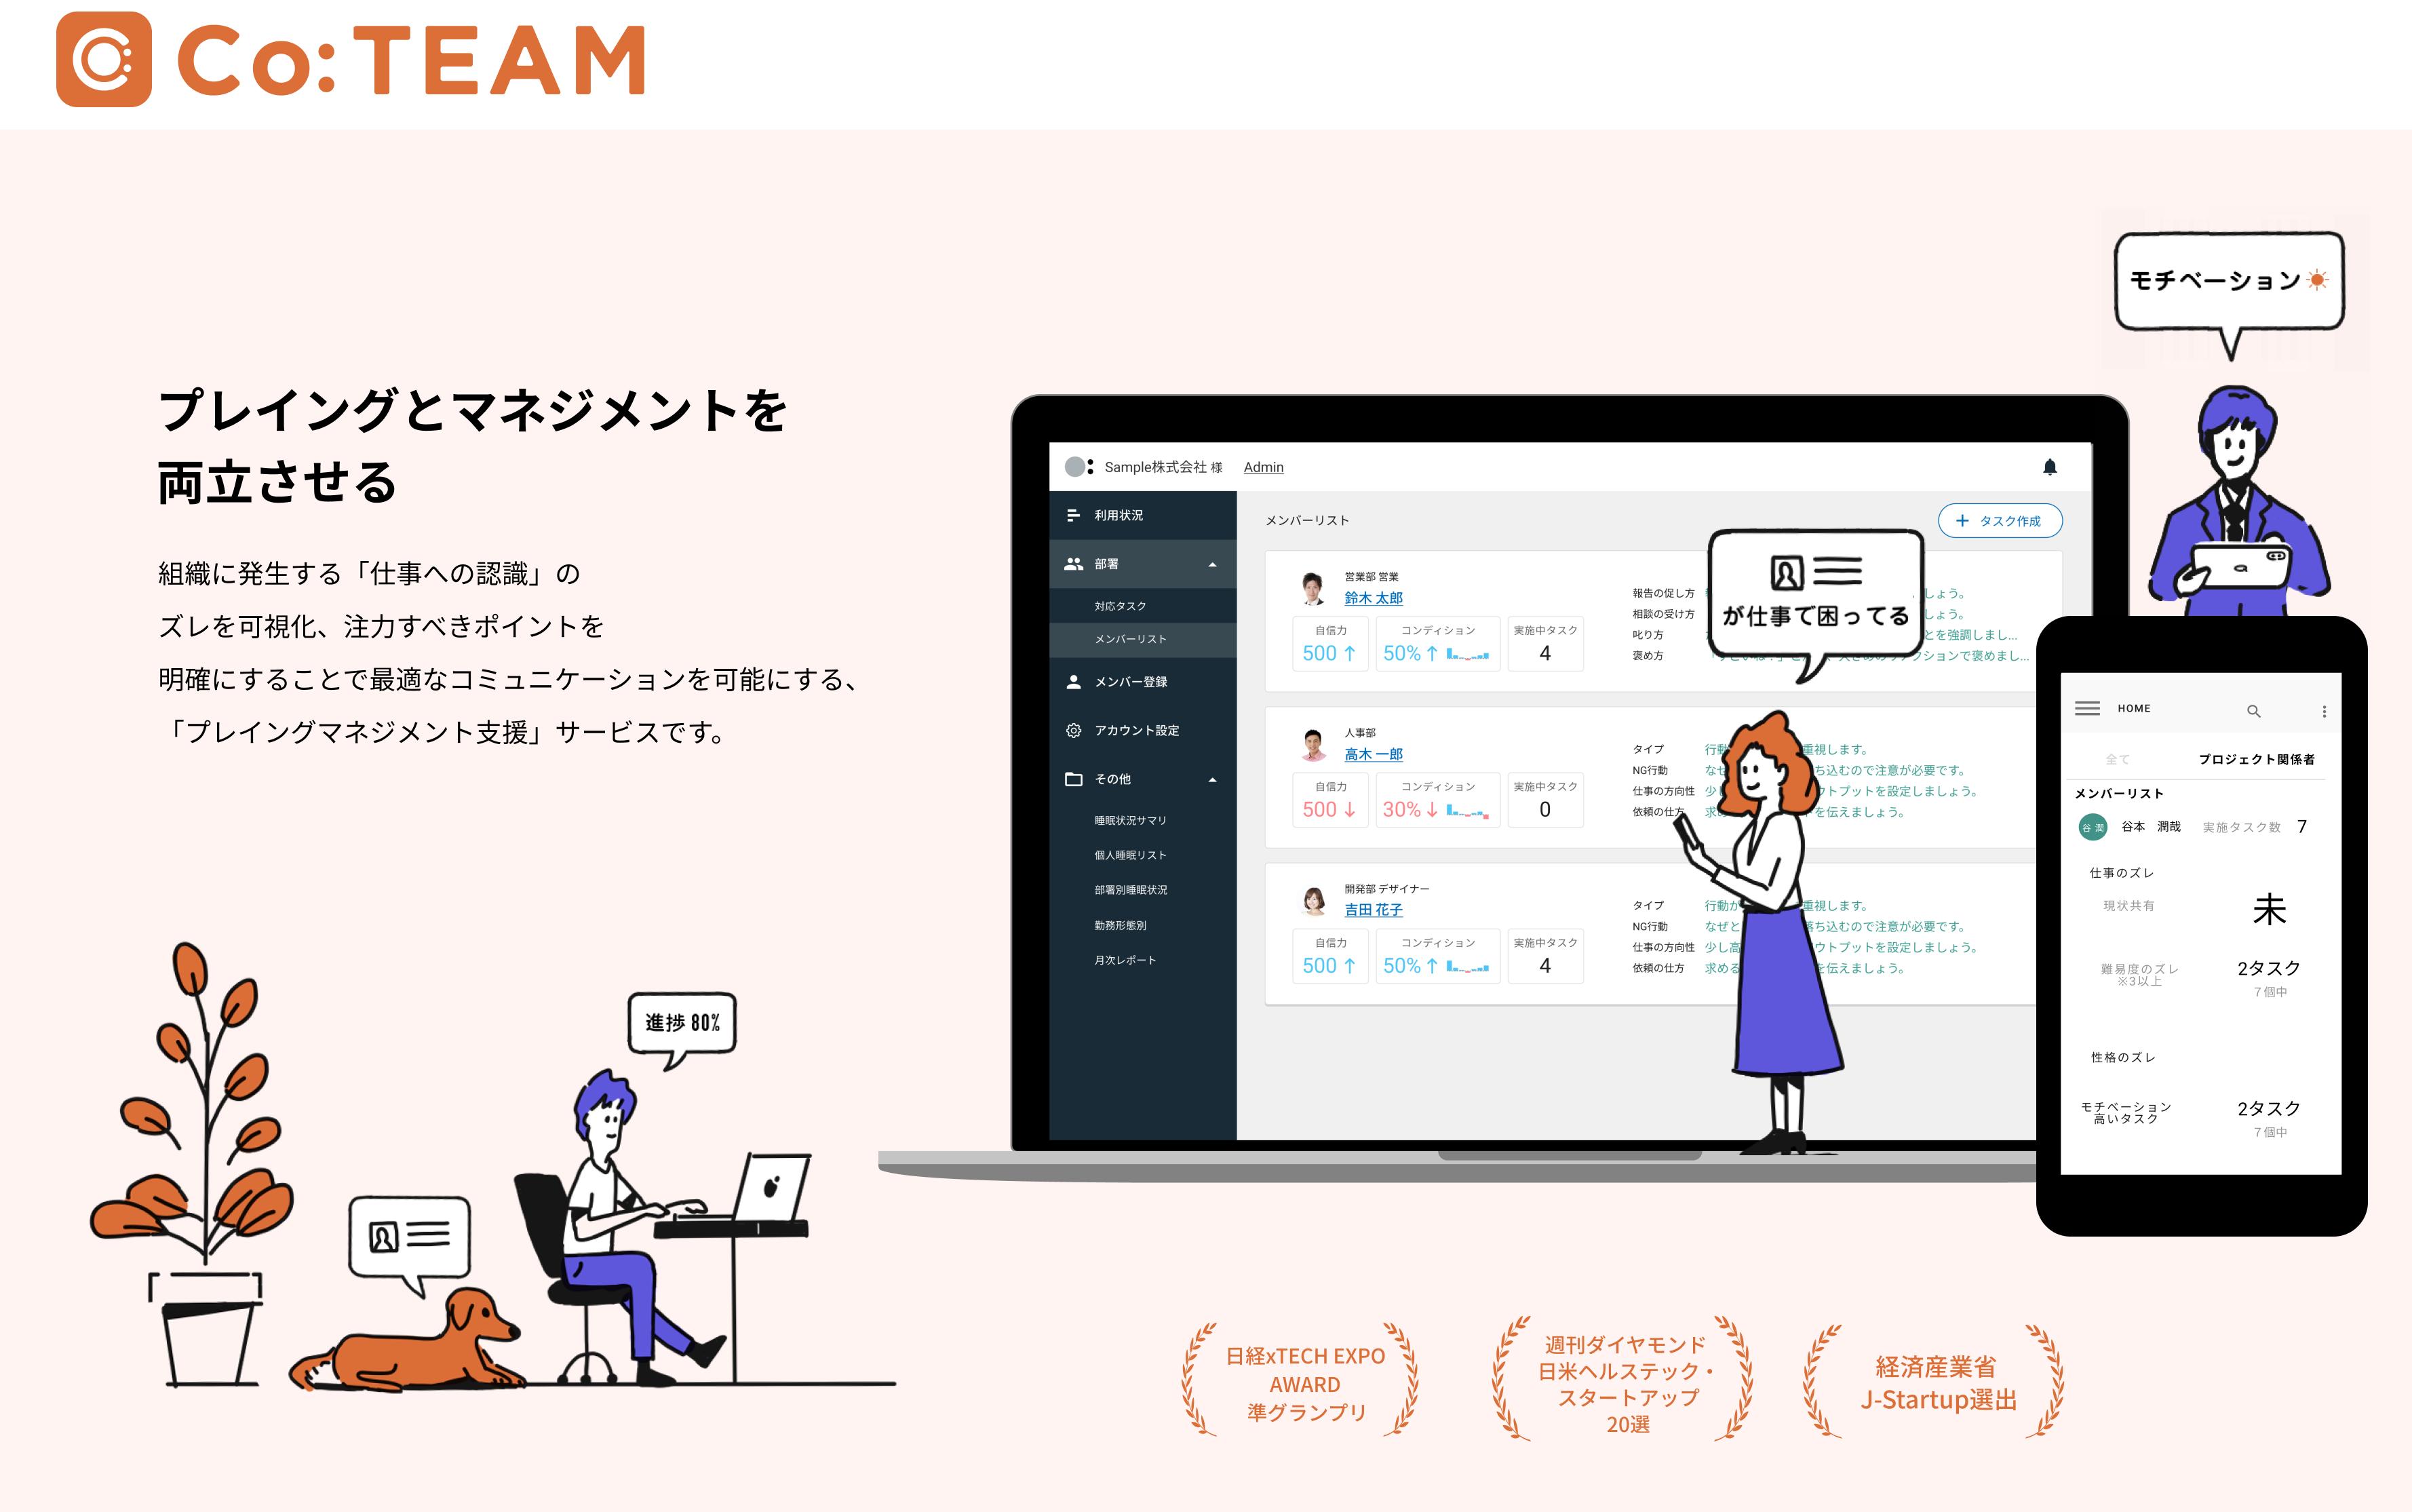 「プレイングとマネジメントの両方で成果を出す」日本初プレイングマネージャー支援サービス「Co:TEAM」正式提供開始とプレイングマネージャーに関する調査を実施しました。